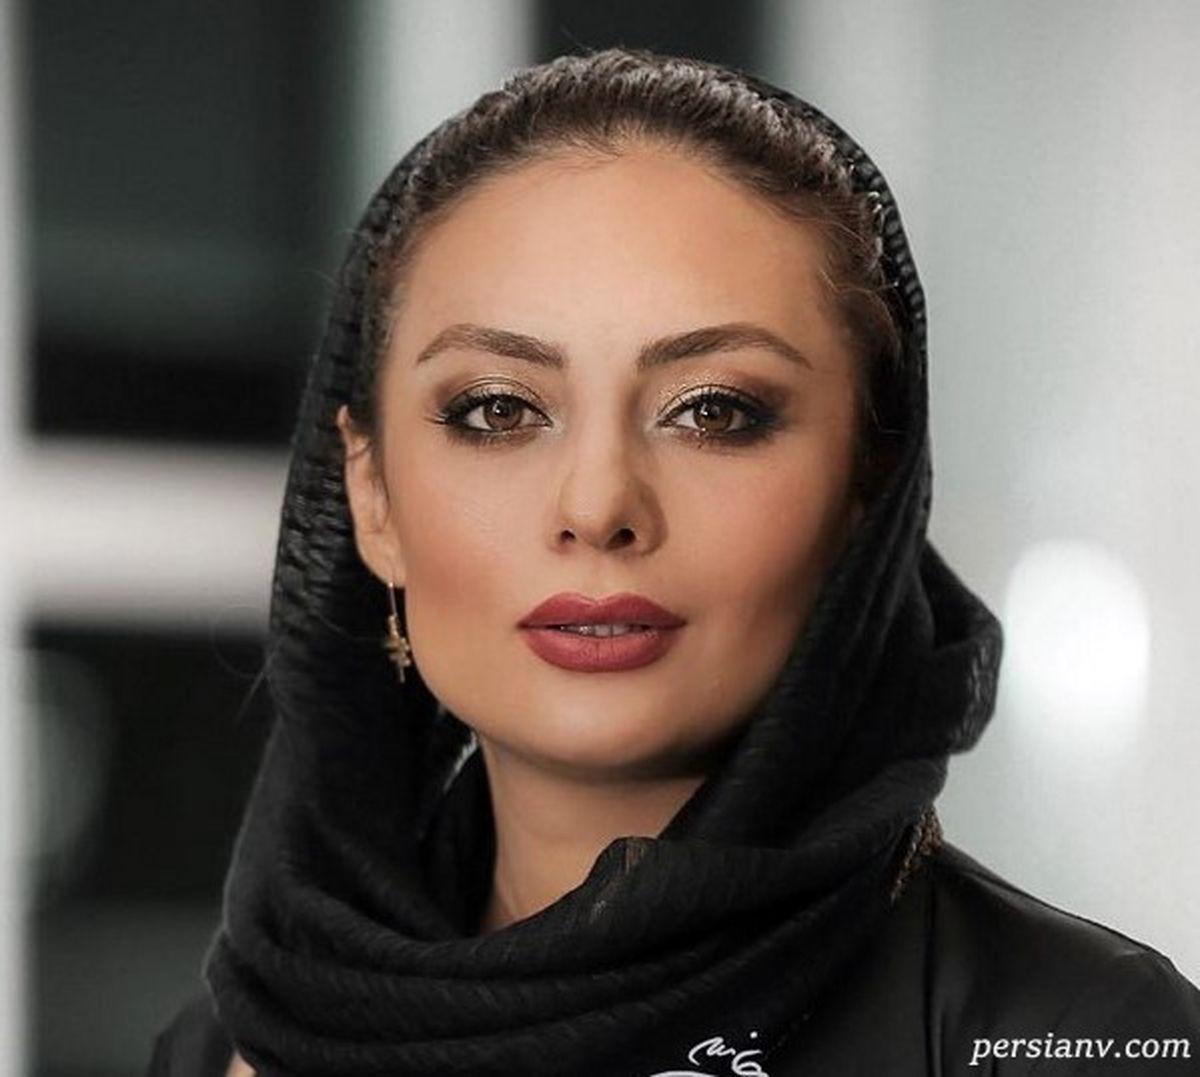 مهریه یکتا ناصر لورفت + عکس همسرش